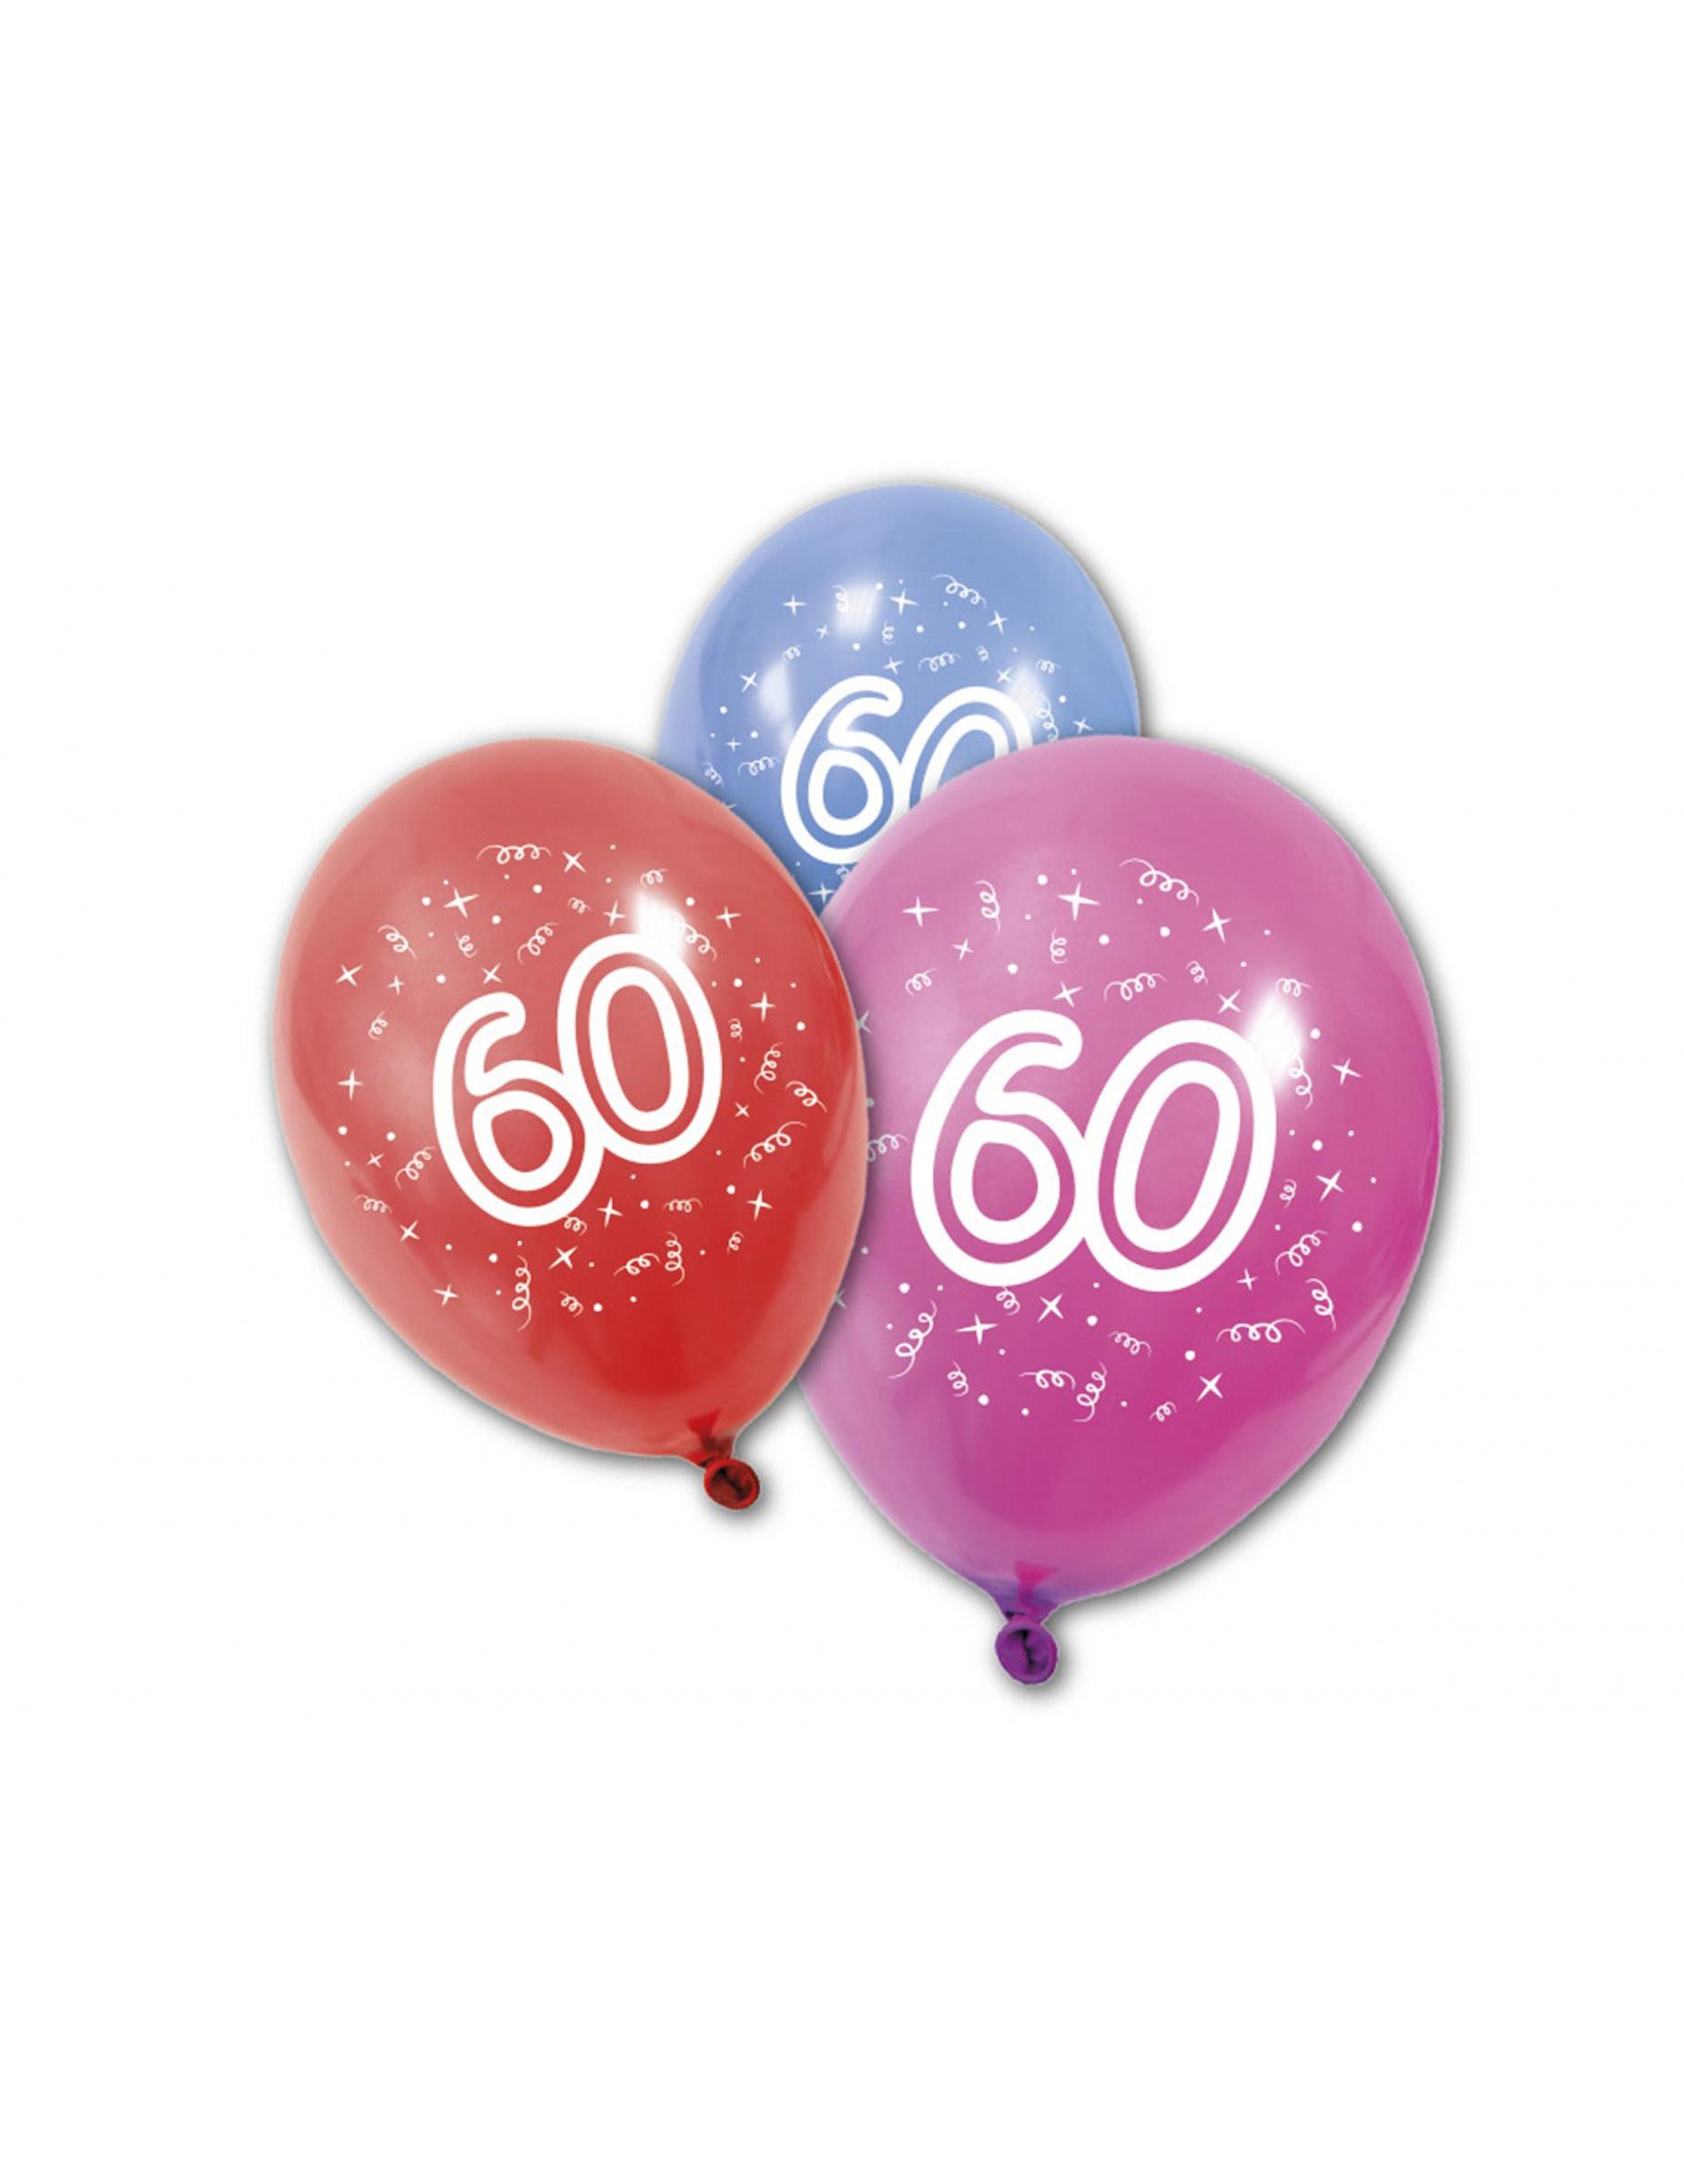 8 Luftballons 60 Jahre Partydeko Und G 252 Nstige